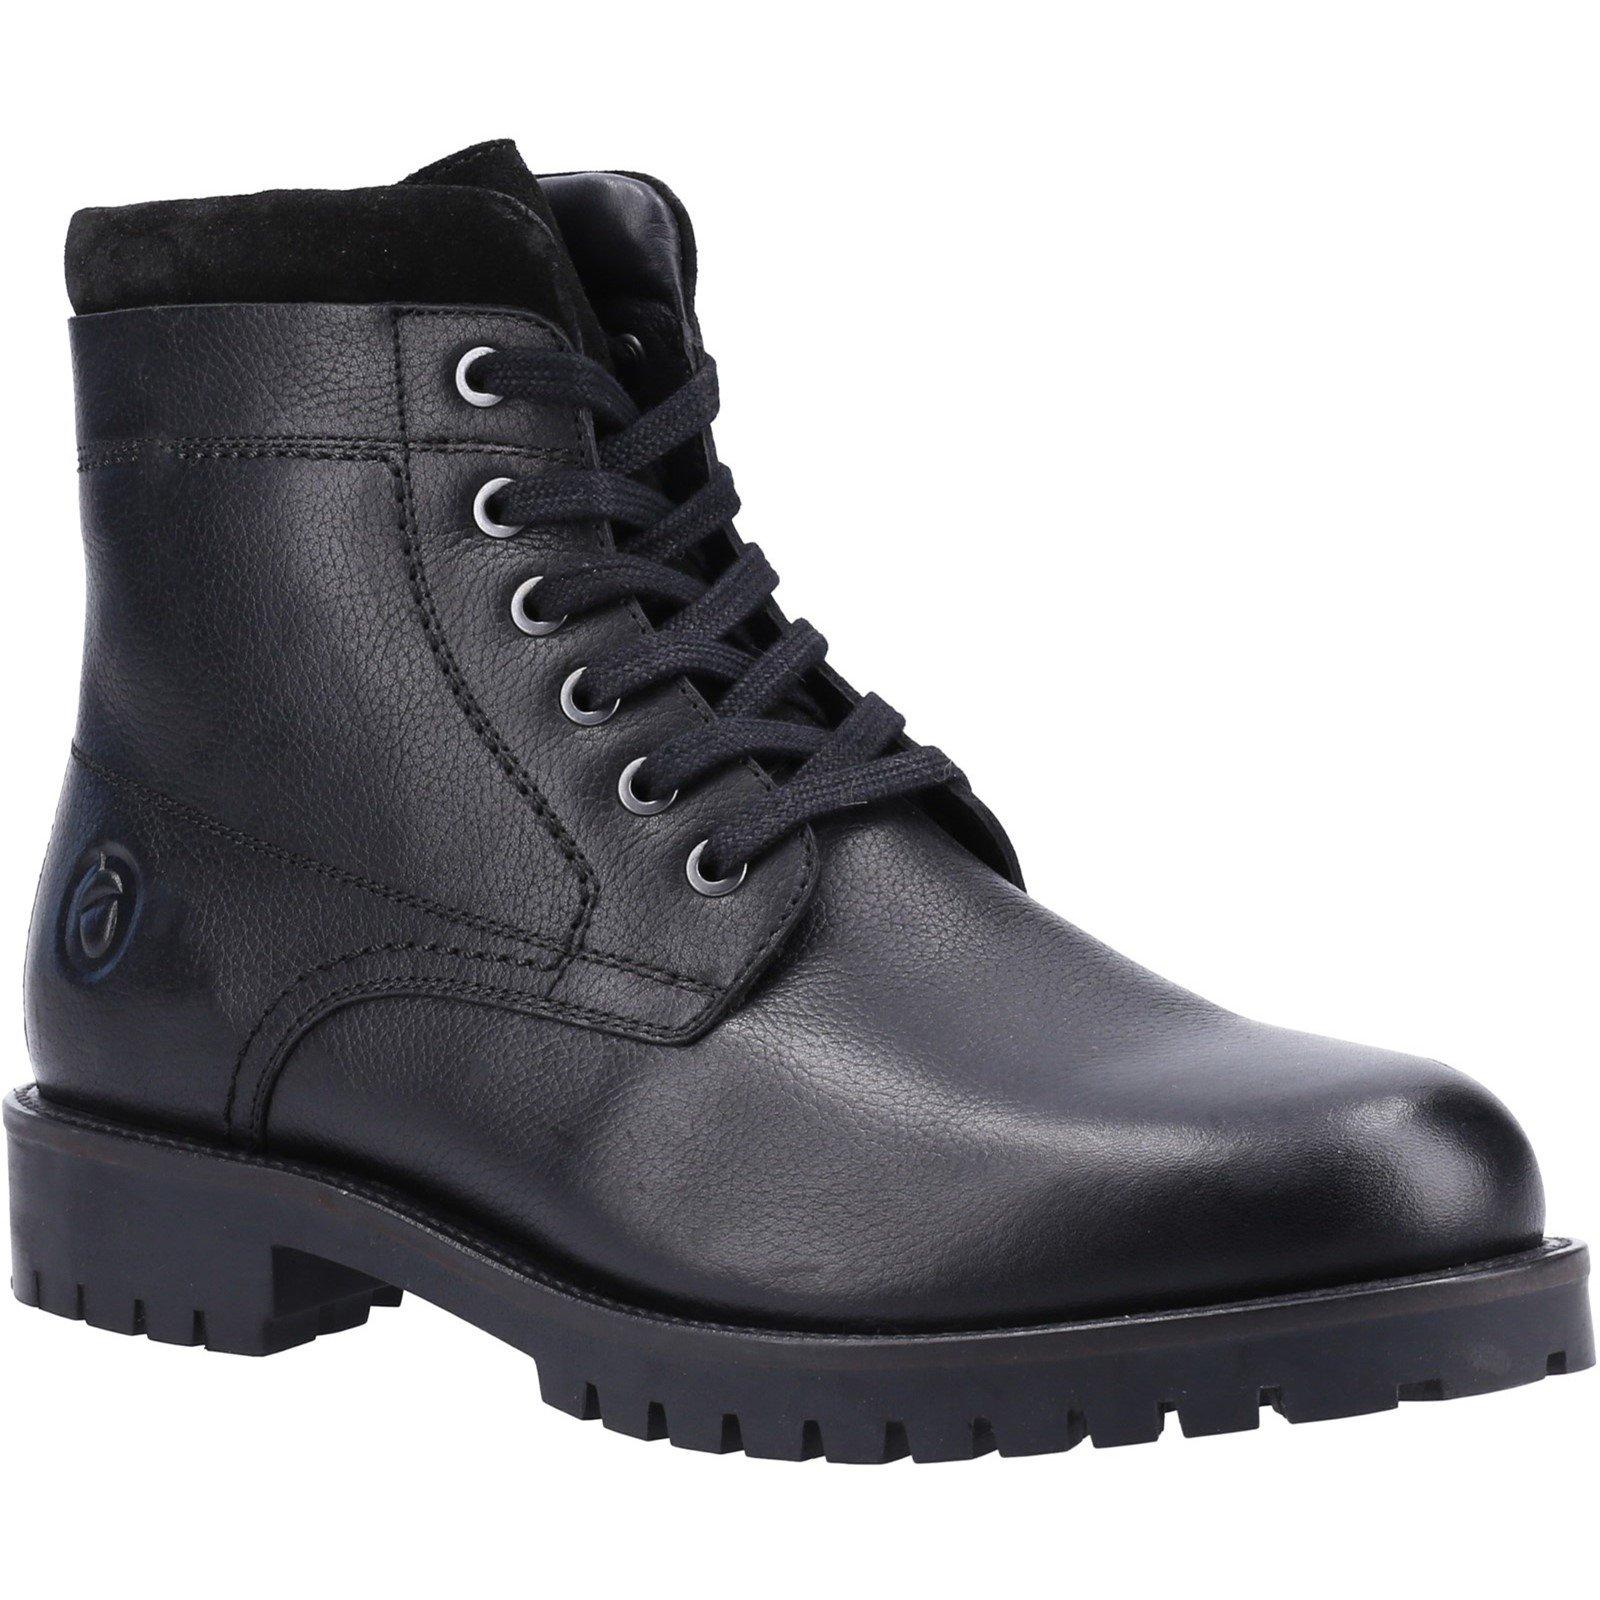 Cotswold Men's Thorsbury Lace Up Shoe Boot Various Colours 32963 - Black 8